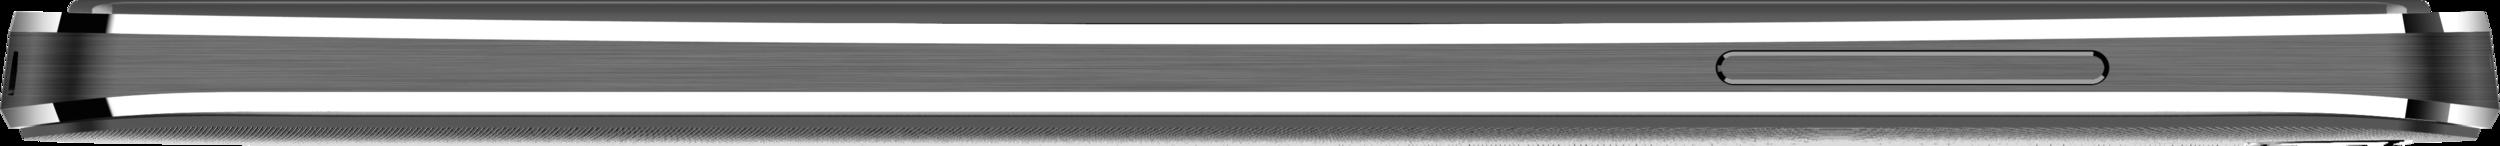 side-l-dark gray副本.png